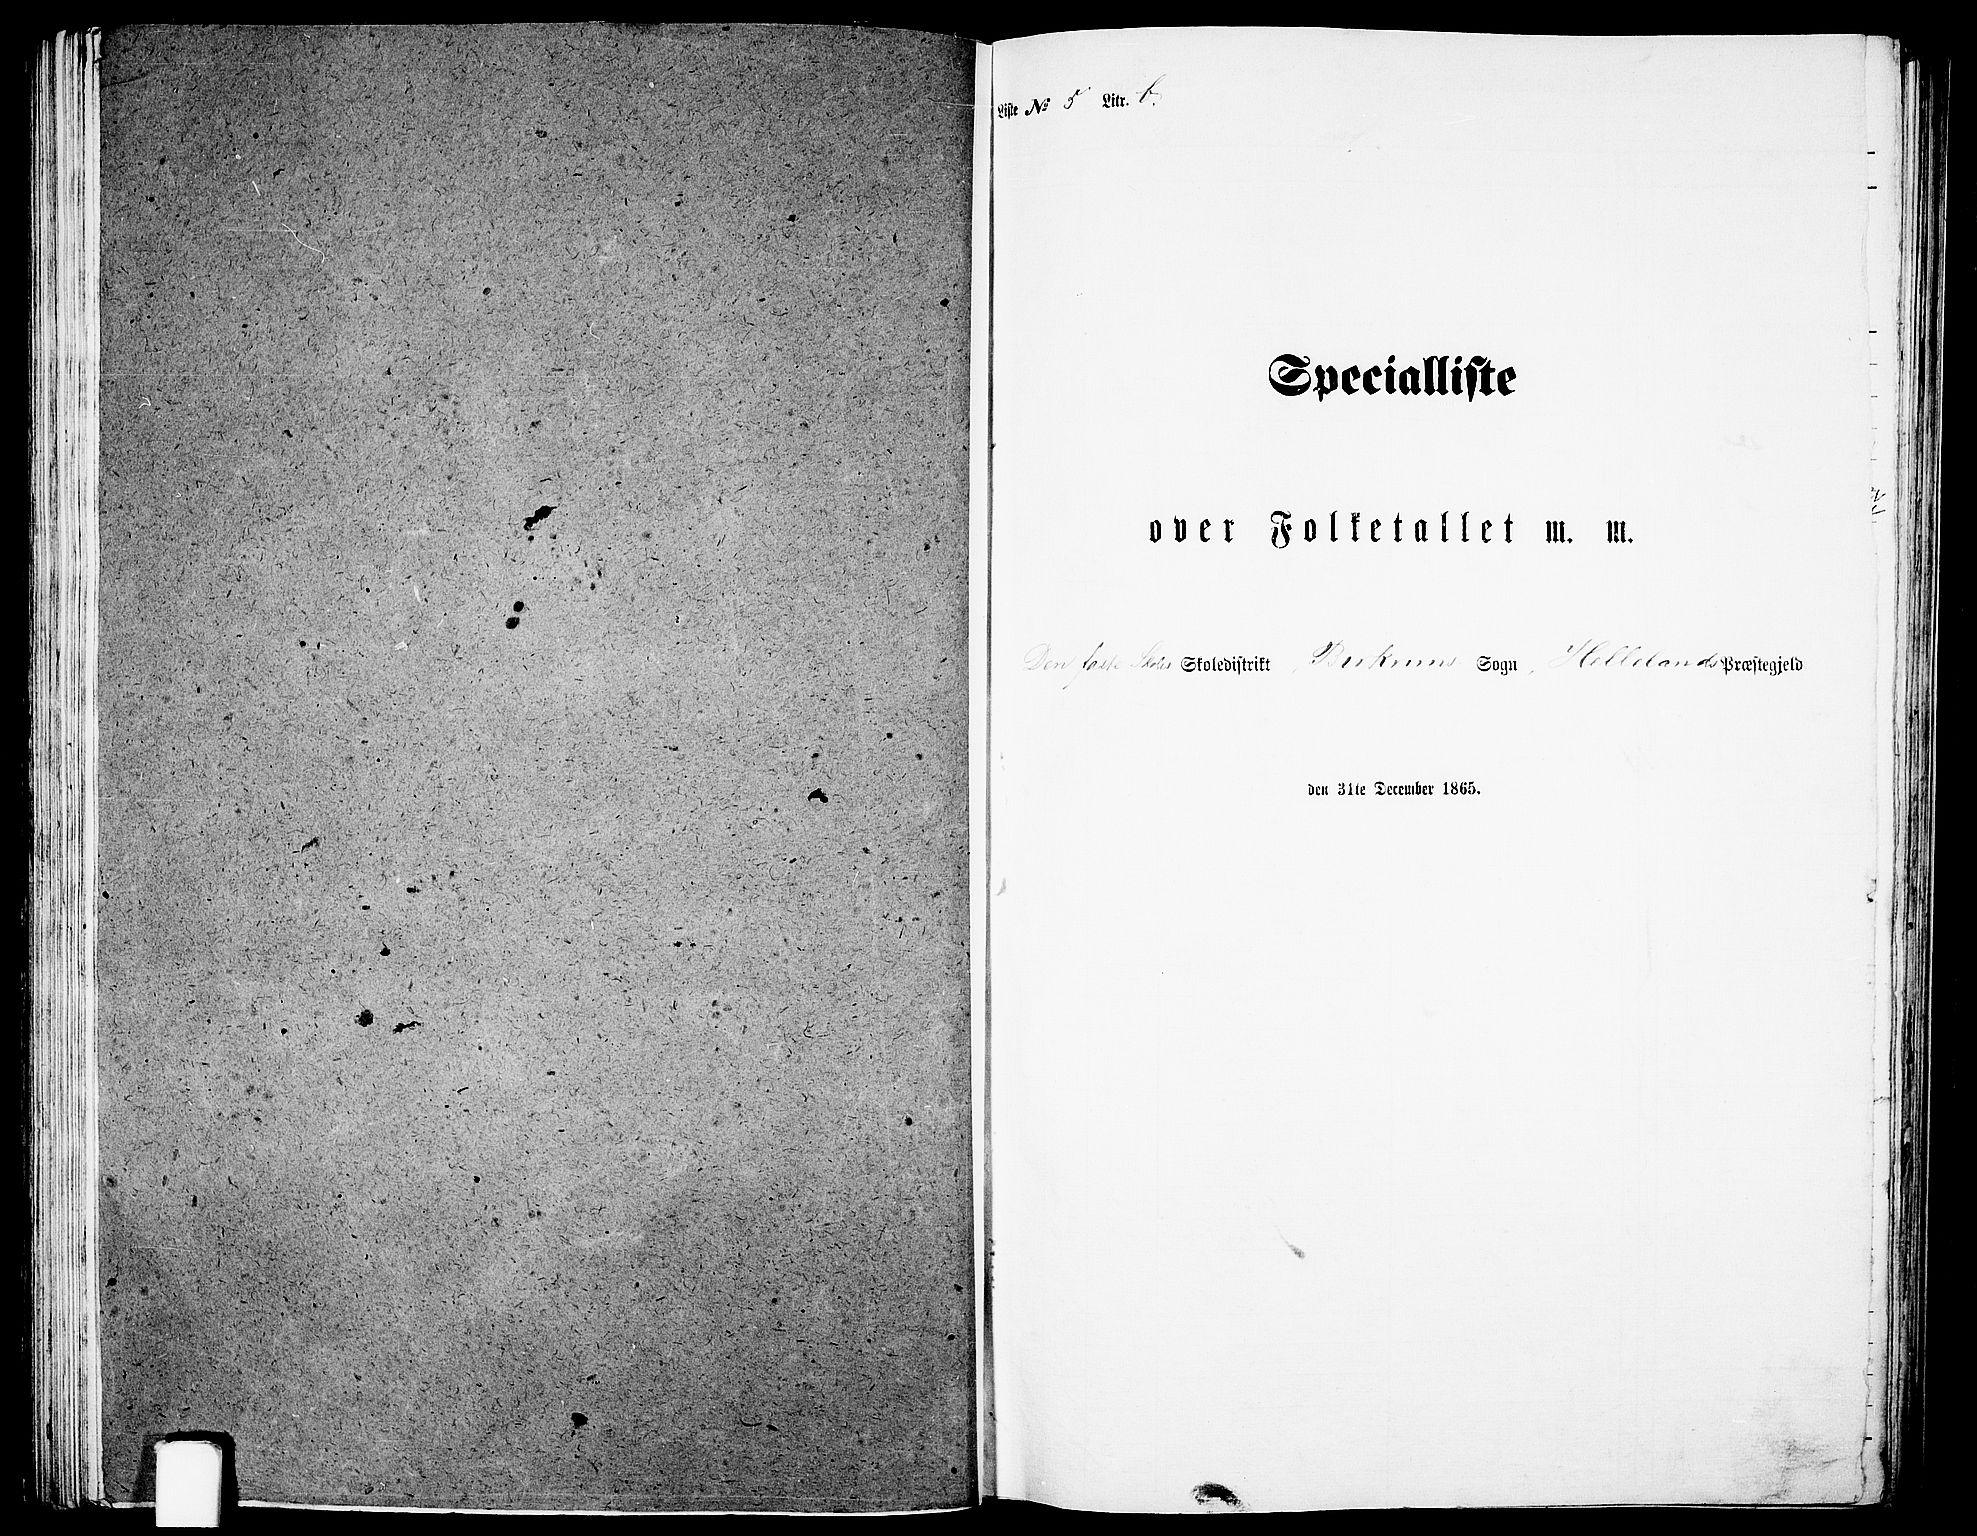 RA, Folketelling 1865 for 1115P Helleland prestegjeld, 1865, s. 76